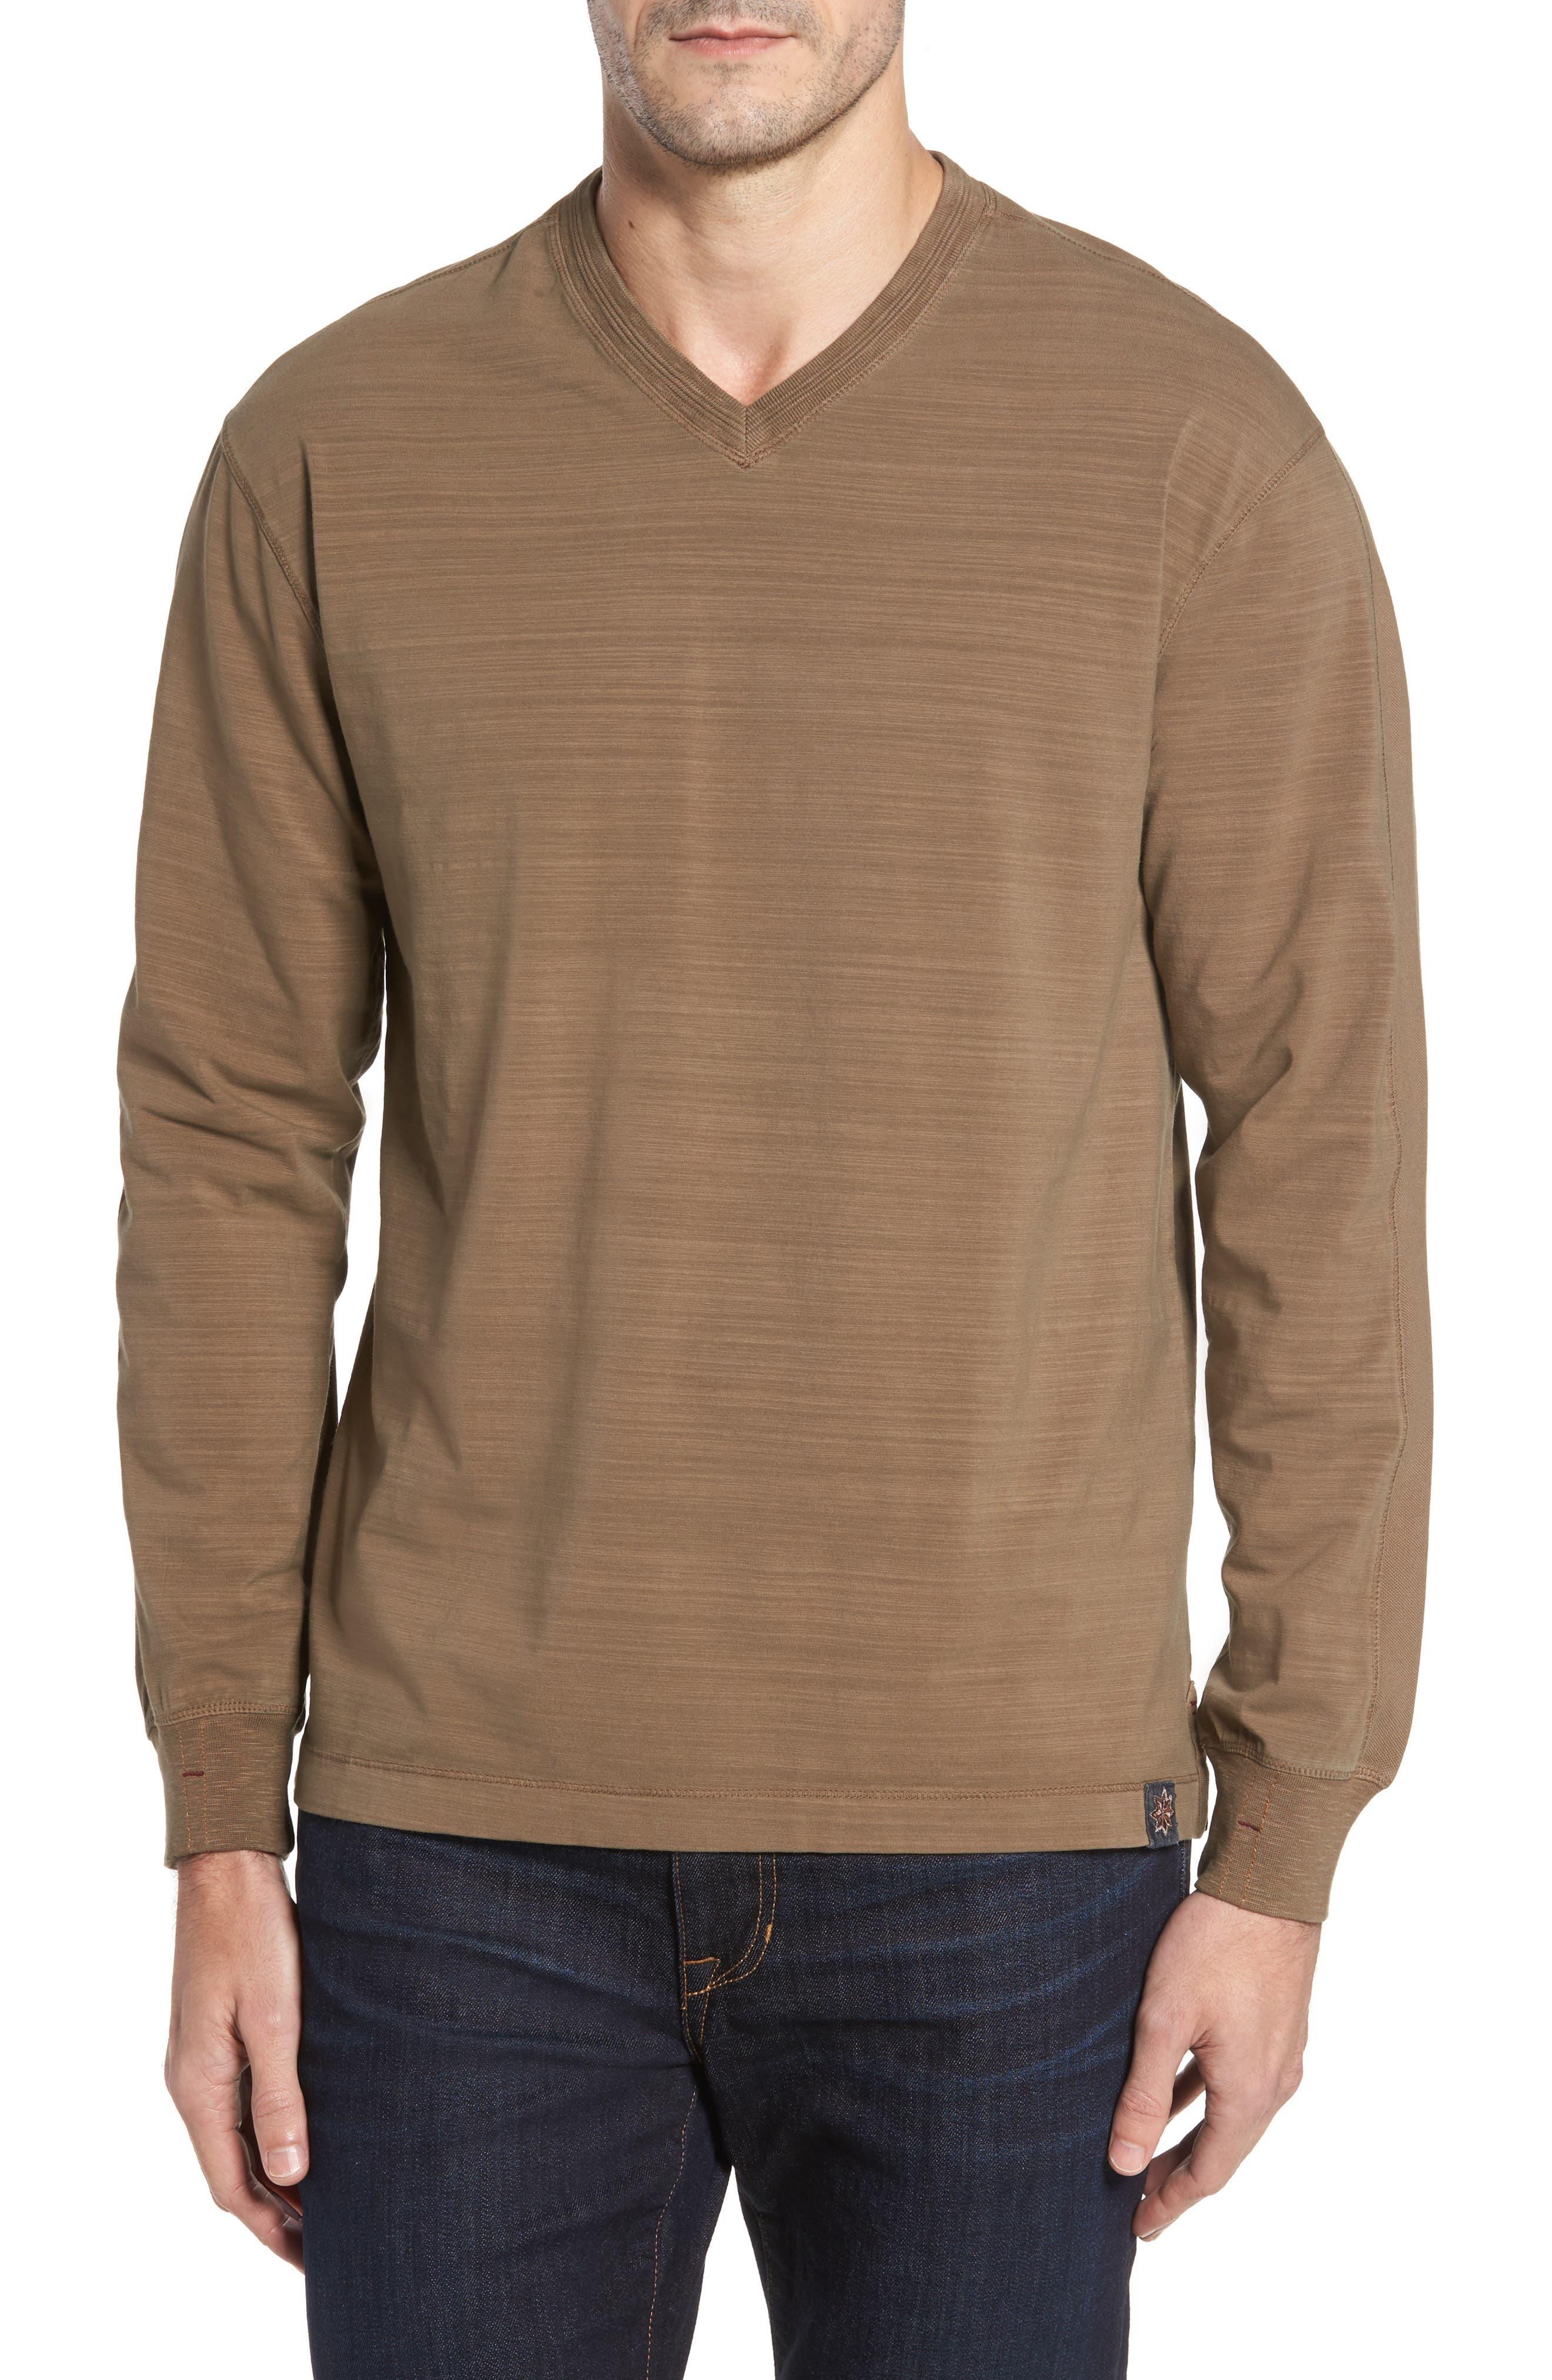 Thaddeus Vinn Slubbed Long Sleeve V-Neck T-Shirt